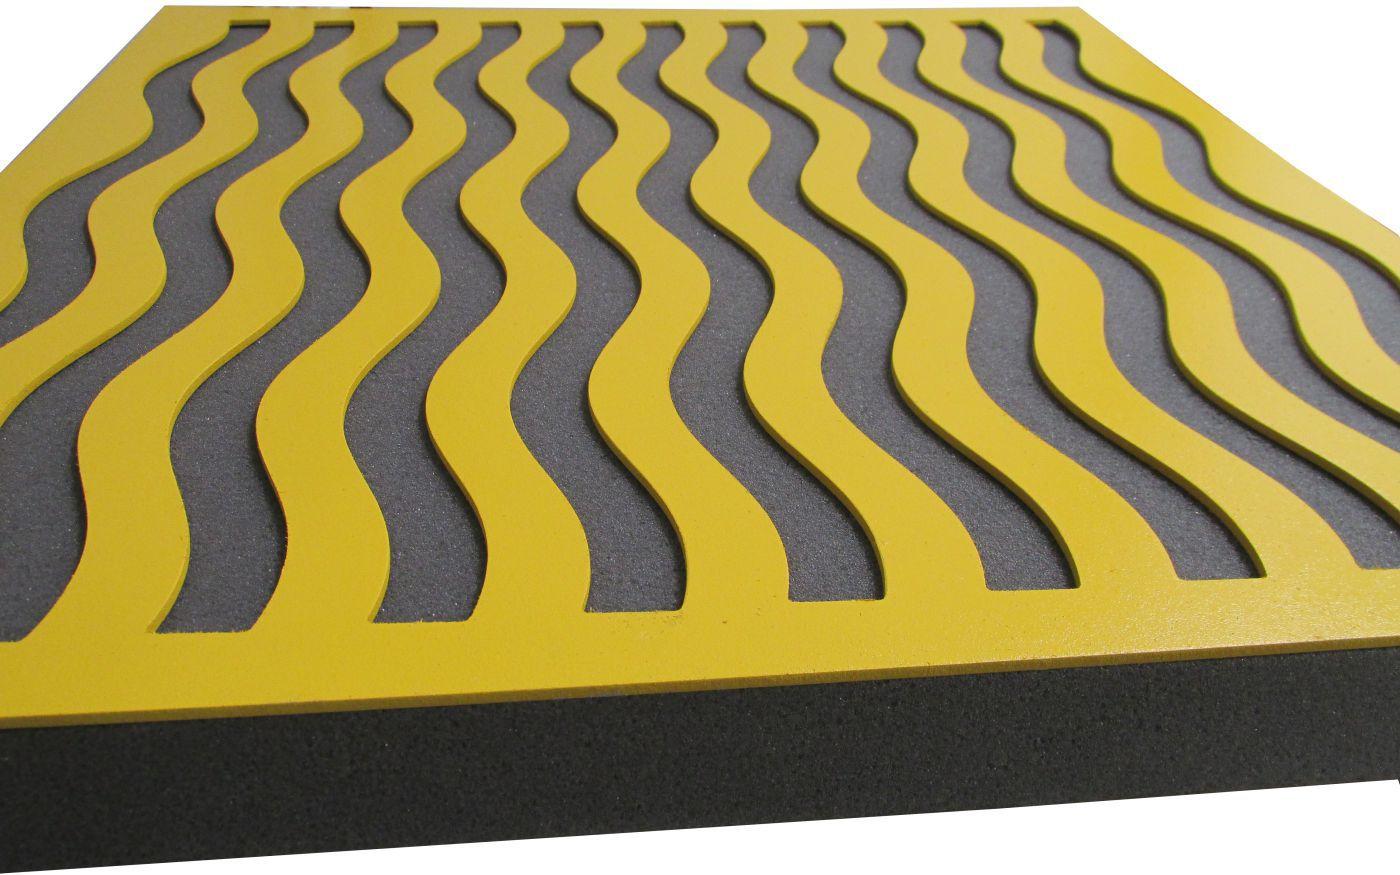 Painel Acústico Linha Rev Decor - Waves (Valor para 2 peças)  - Loja SPL Acústica